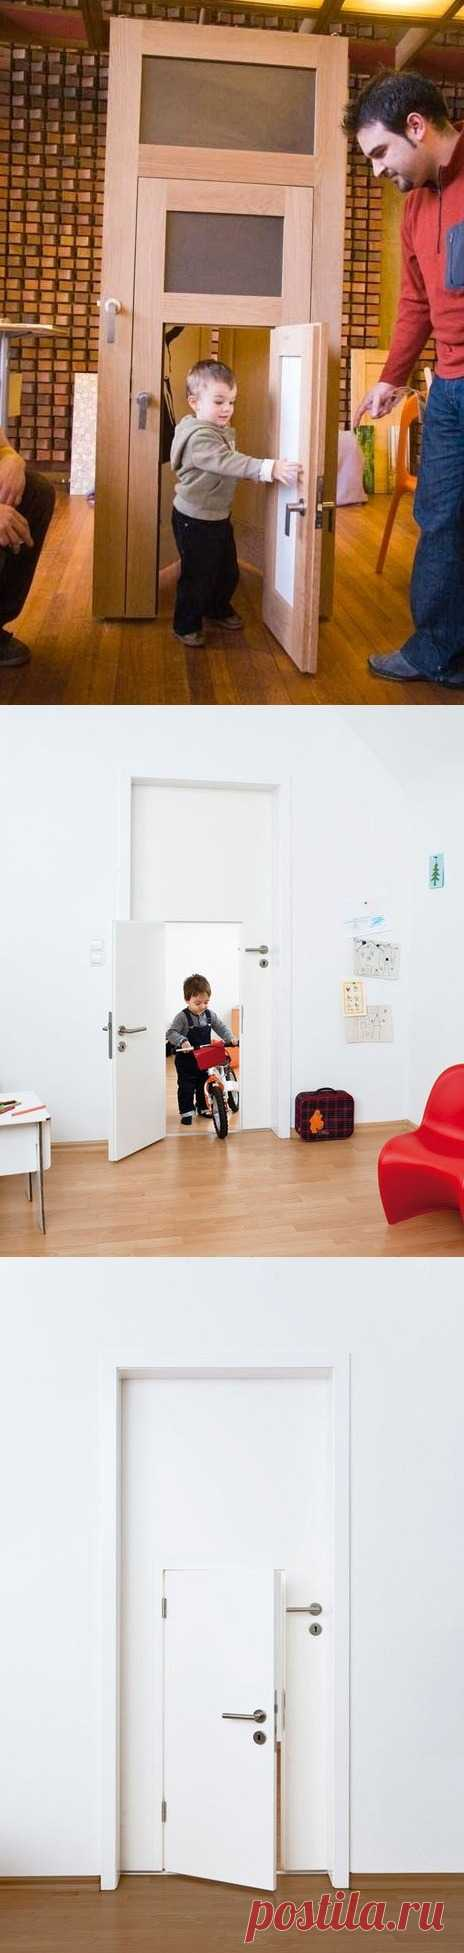 La puerta en el cuarto para niños.